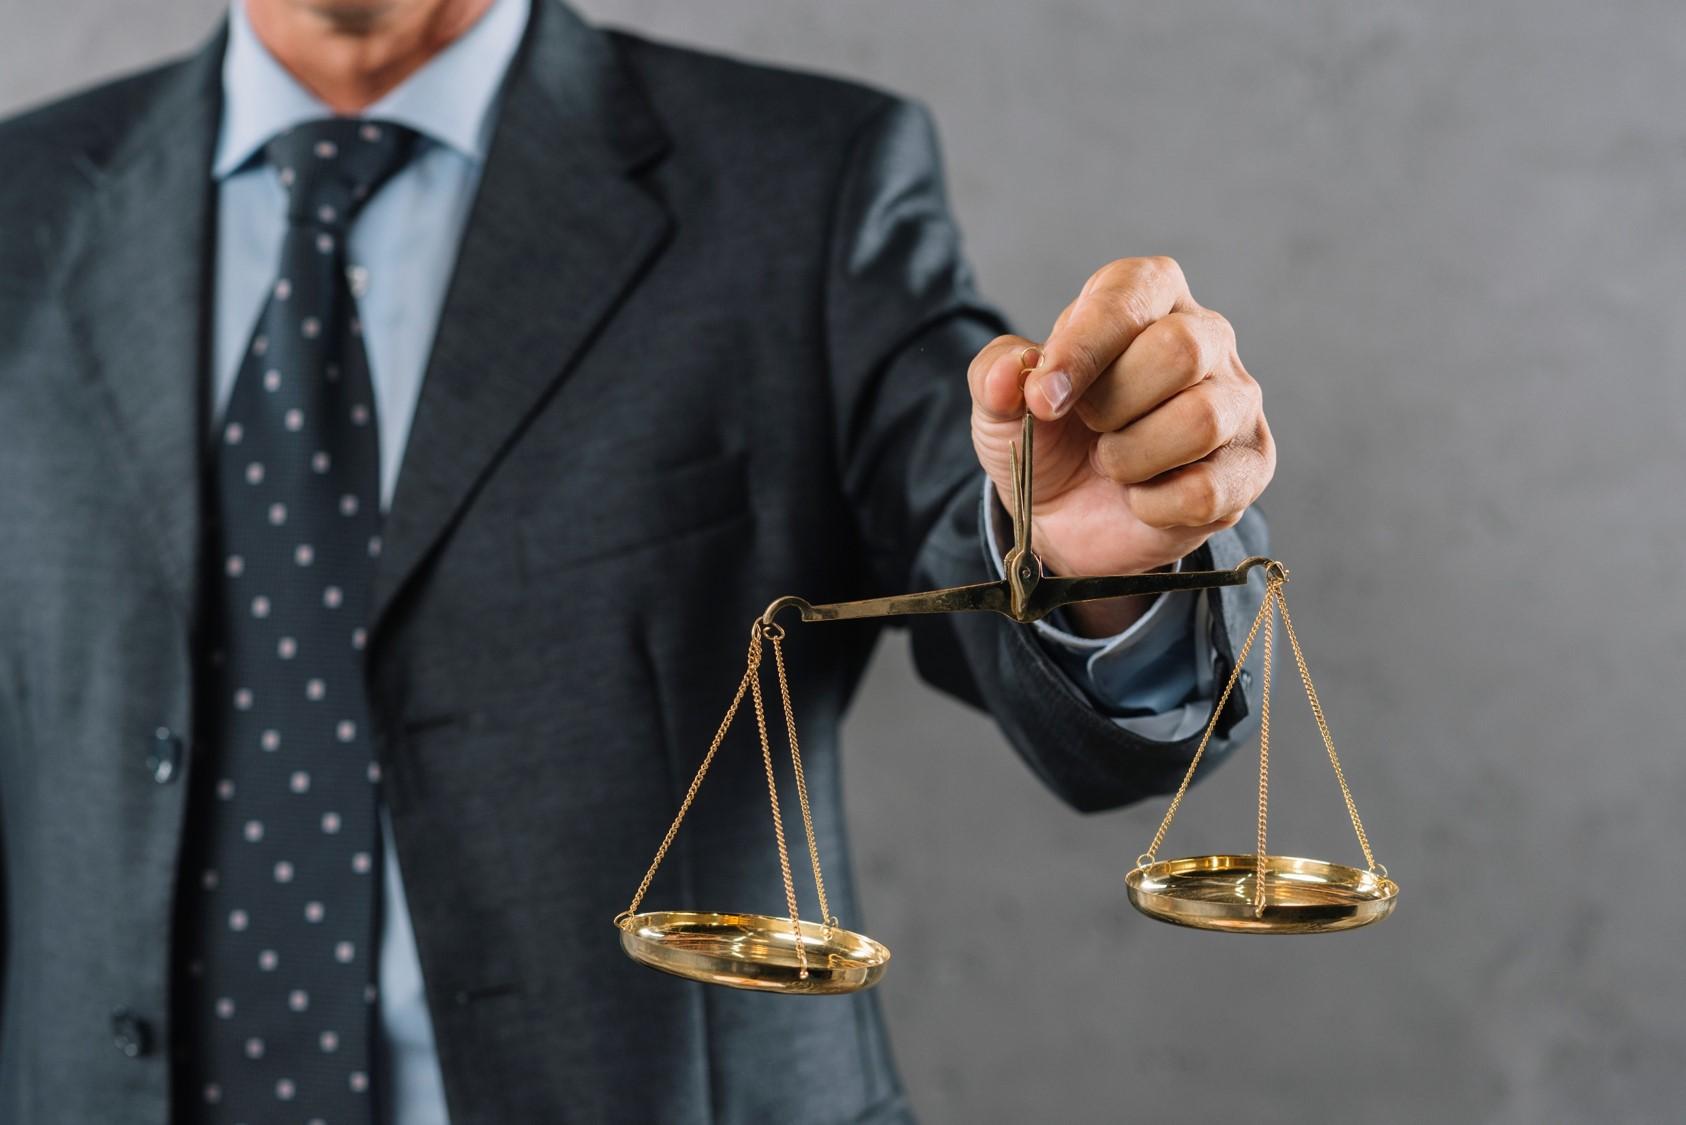 Postanowienia umowne dotyczące sądu polubownego w zamówieniach publicznych. O czym powinni pamiętać przedsiębiorcy?